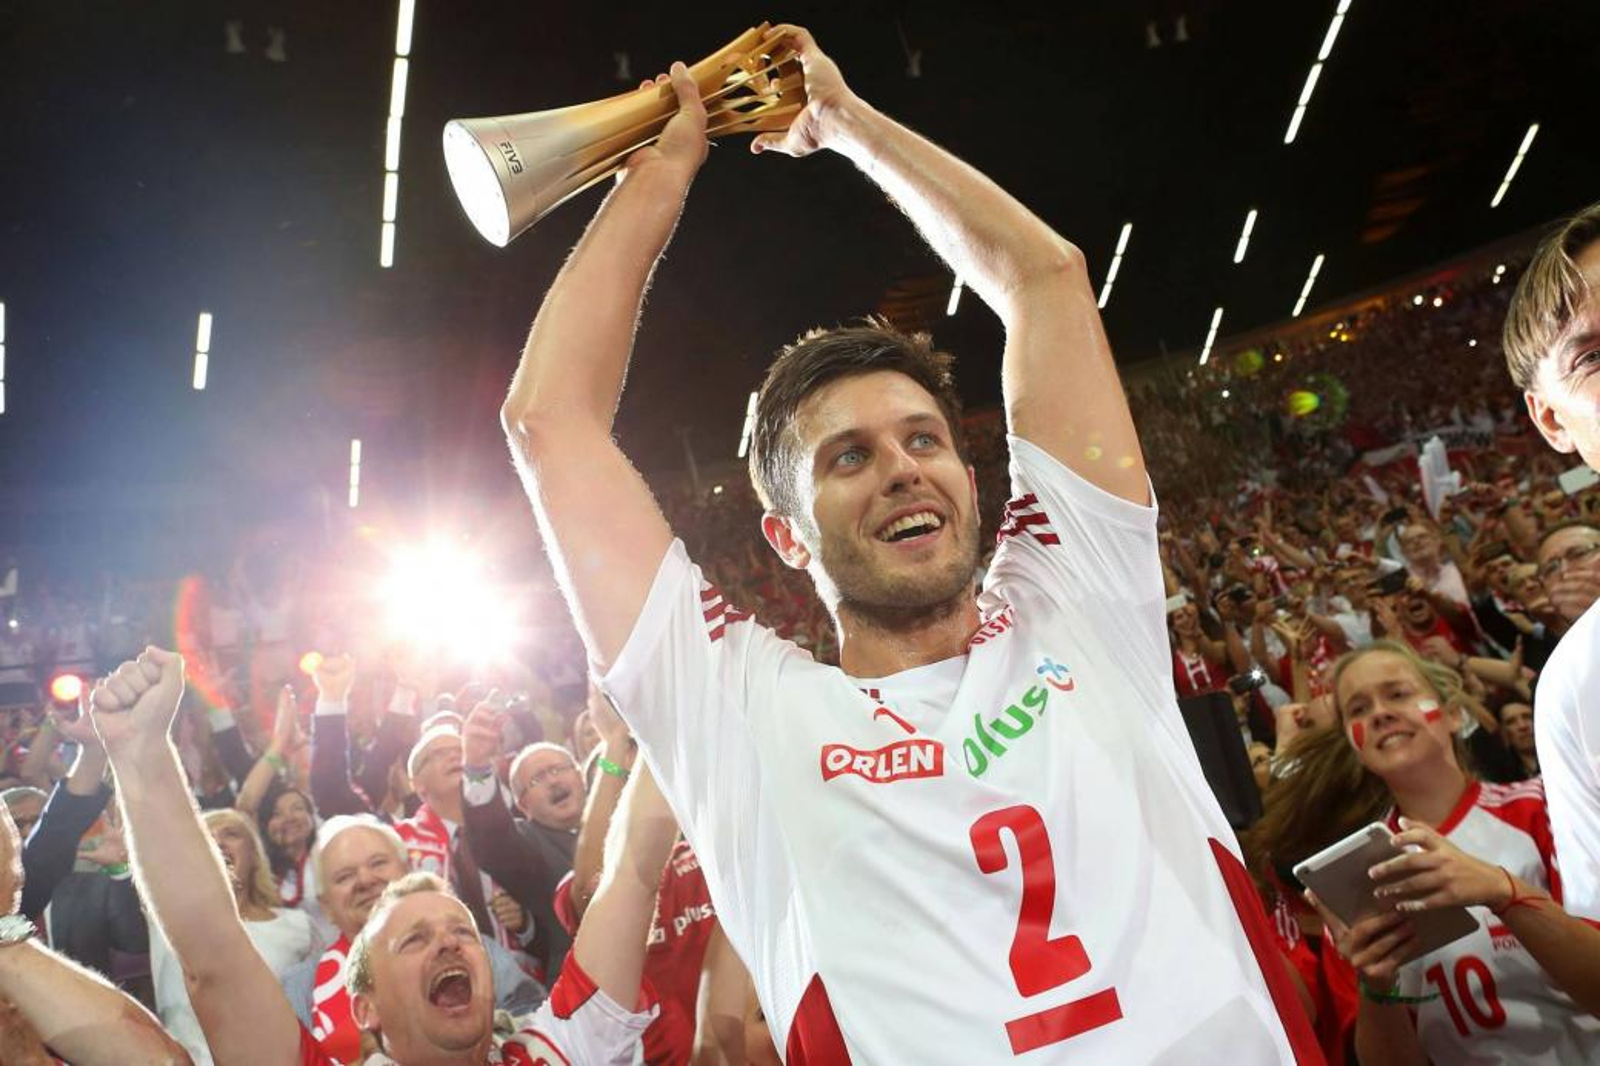 Michał Winiarski - Winiar - Michał Jerzy Winiarski (born September 28, 1983 in Bydgoszcz) - Polish volleyball player, playing a